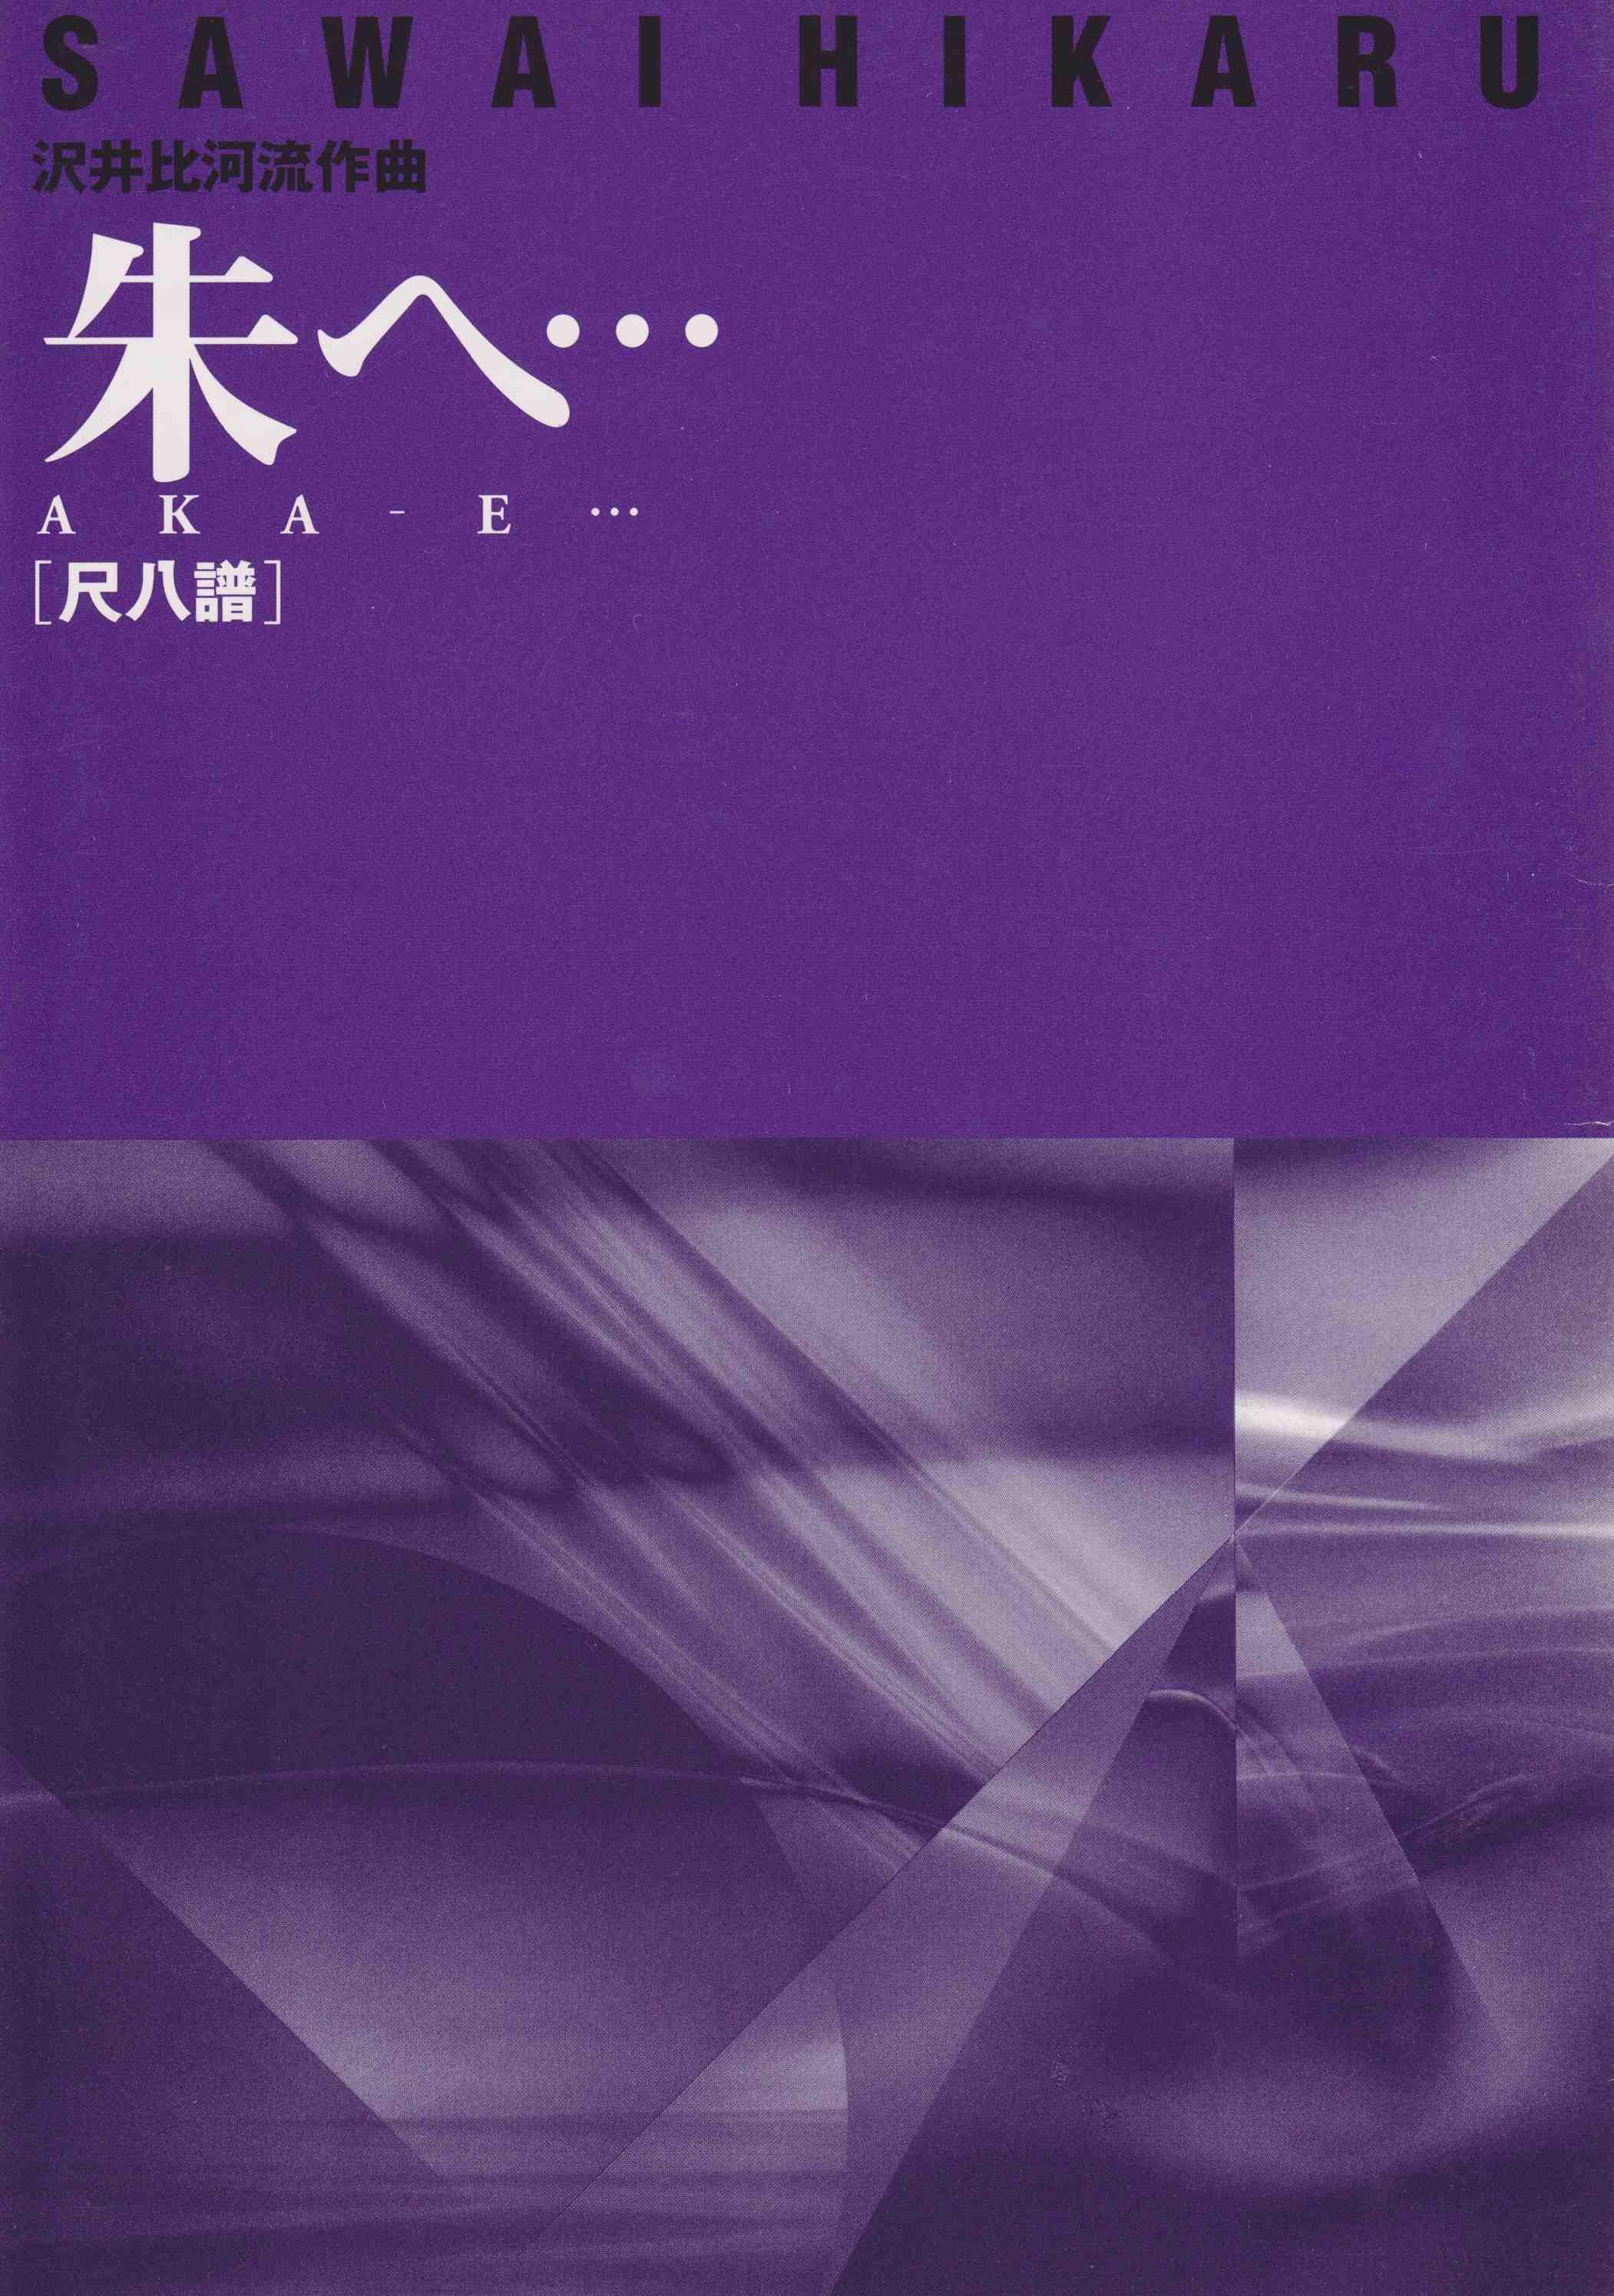 朱へ…(尺八譜)[5048-2]